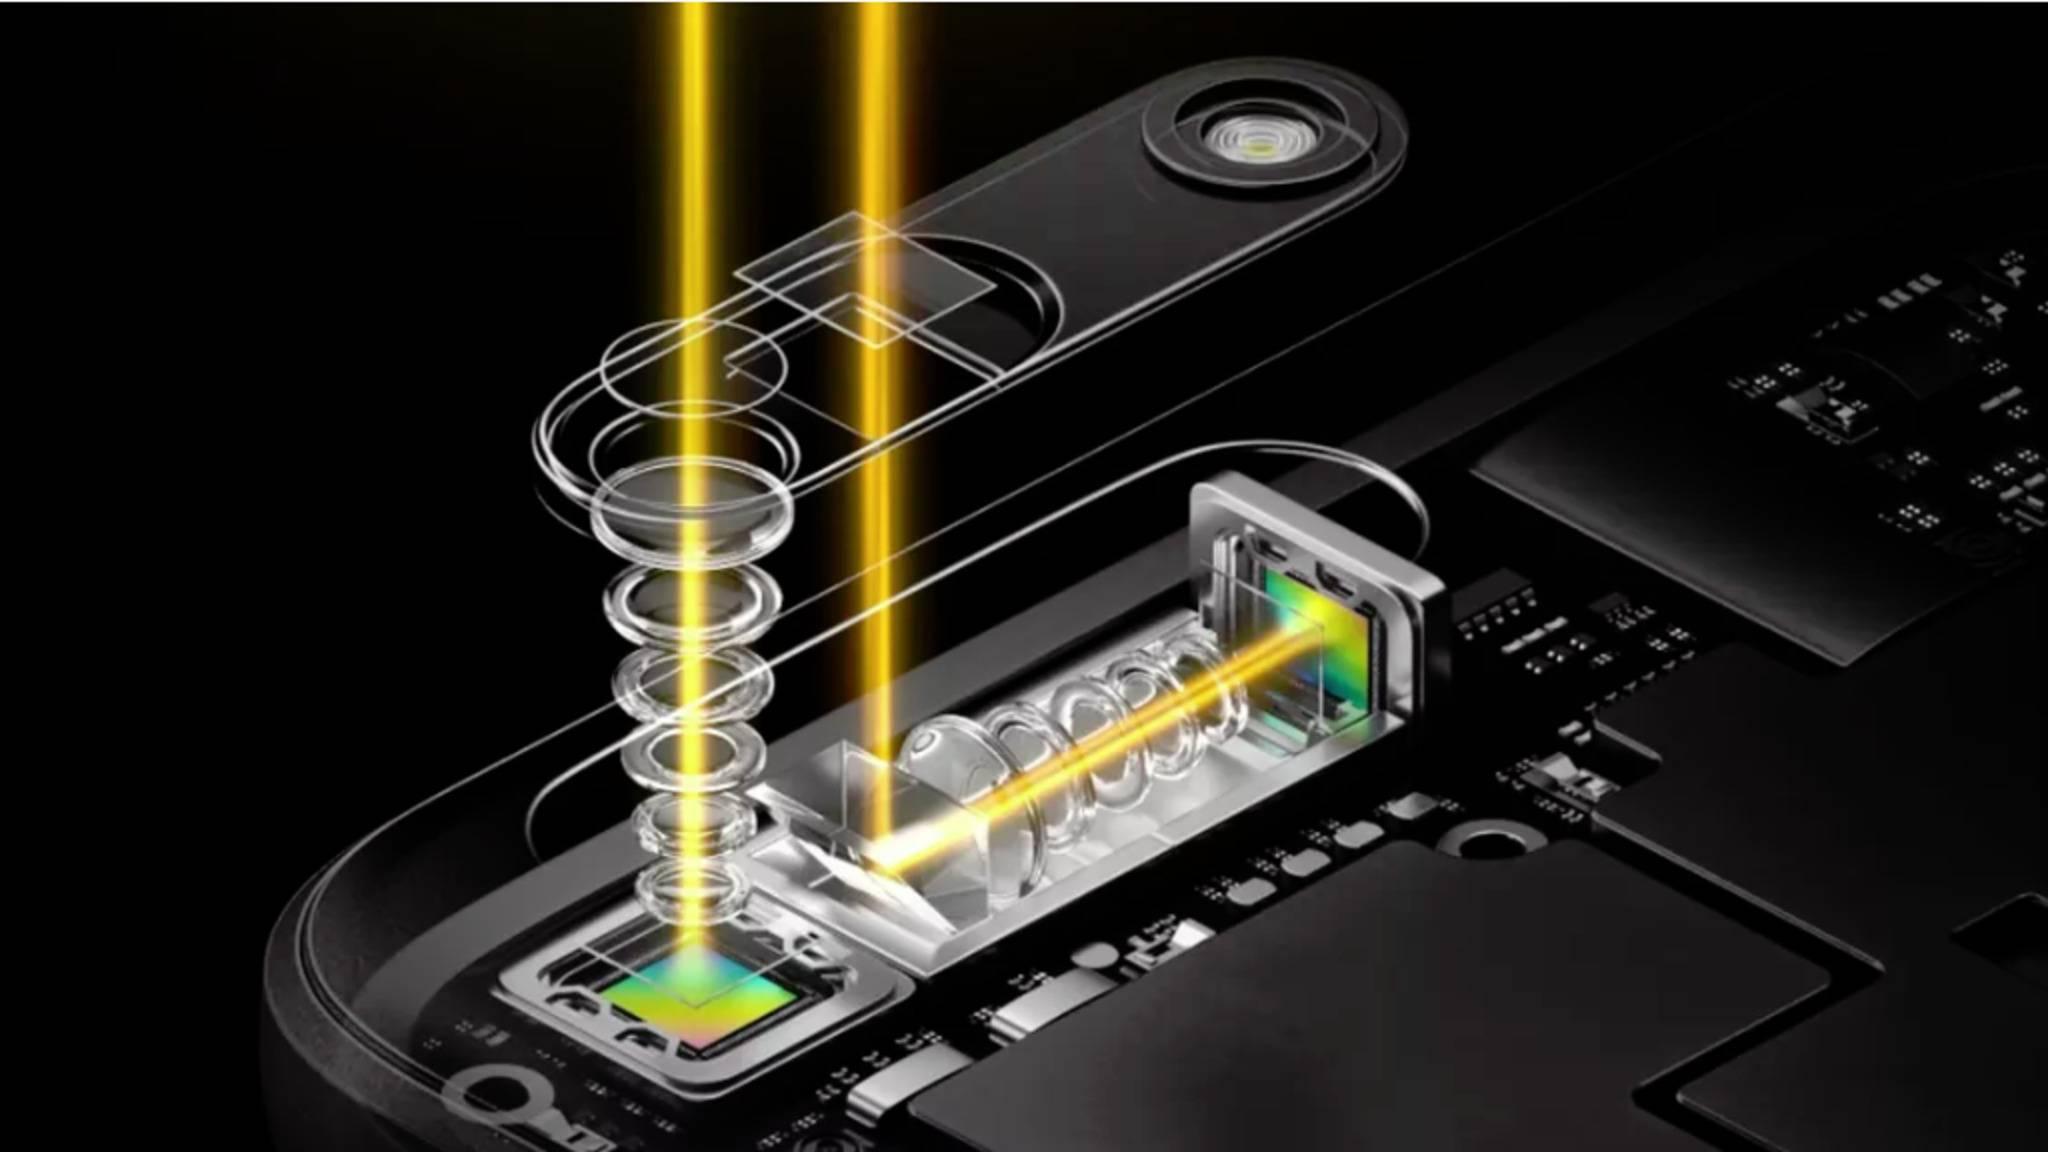 Oppos 5-facher Zoom für Smartphones kam nie auf den Markt.